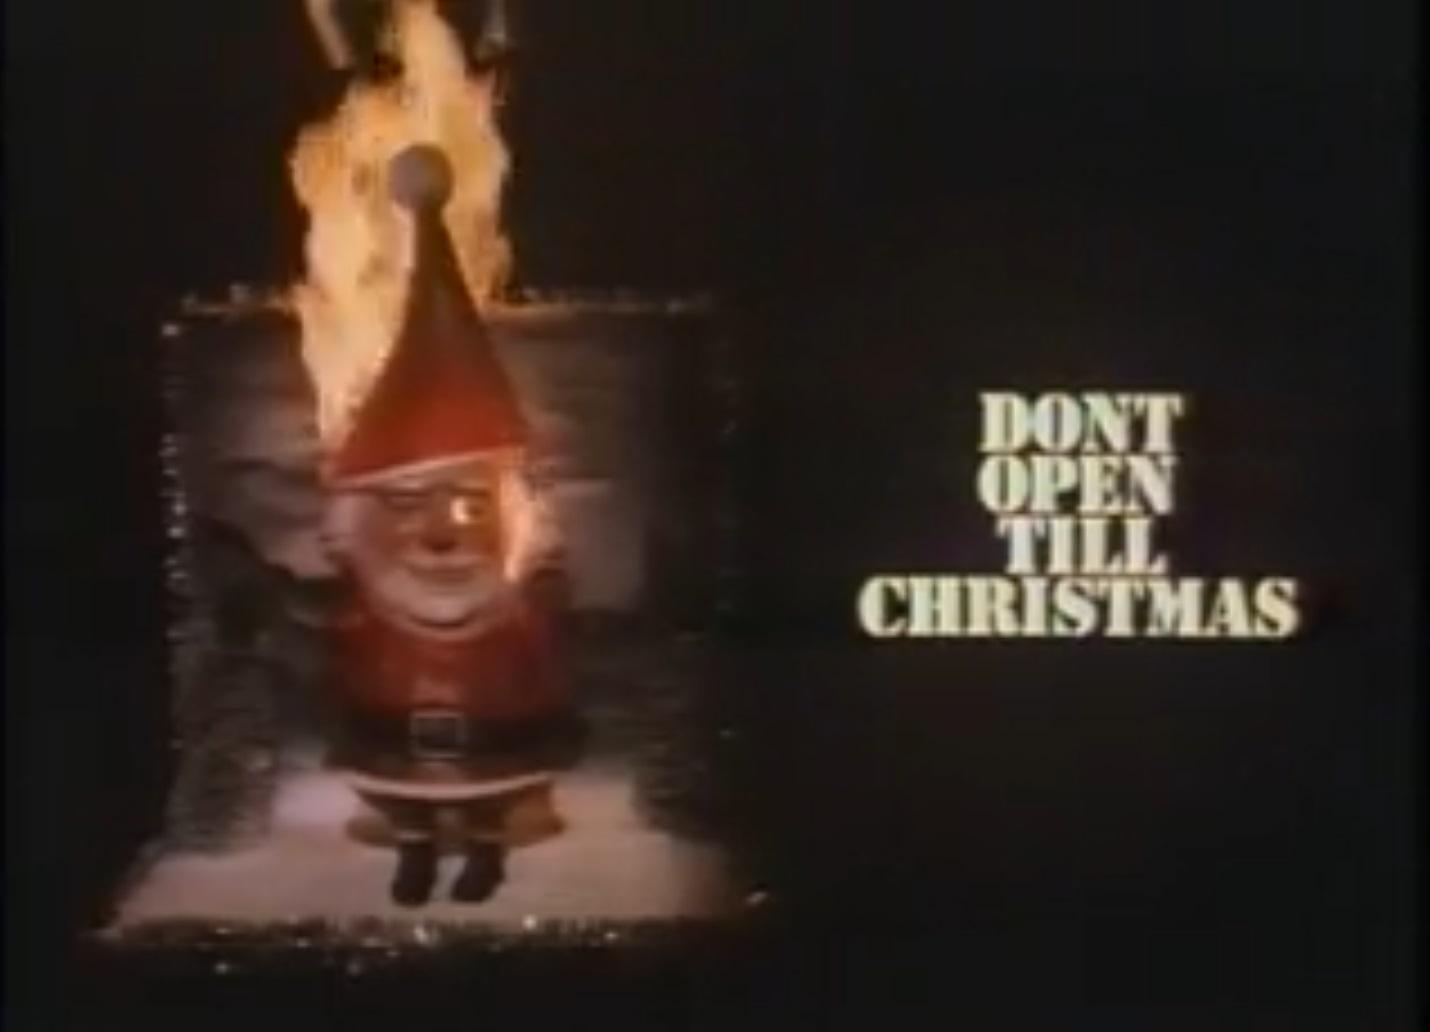 Dont Open Till Christmas.Don T Open Till Christmas 1984 Worsemovies